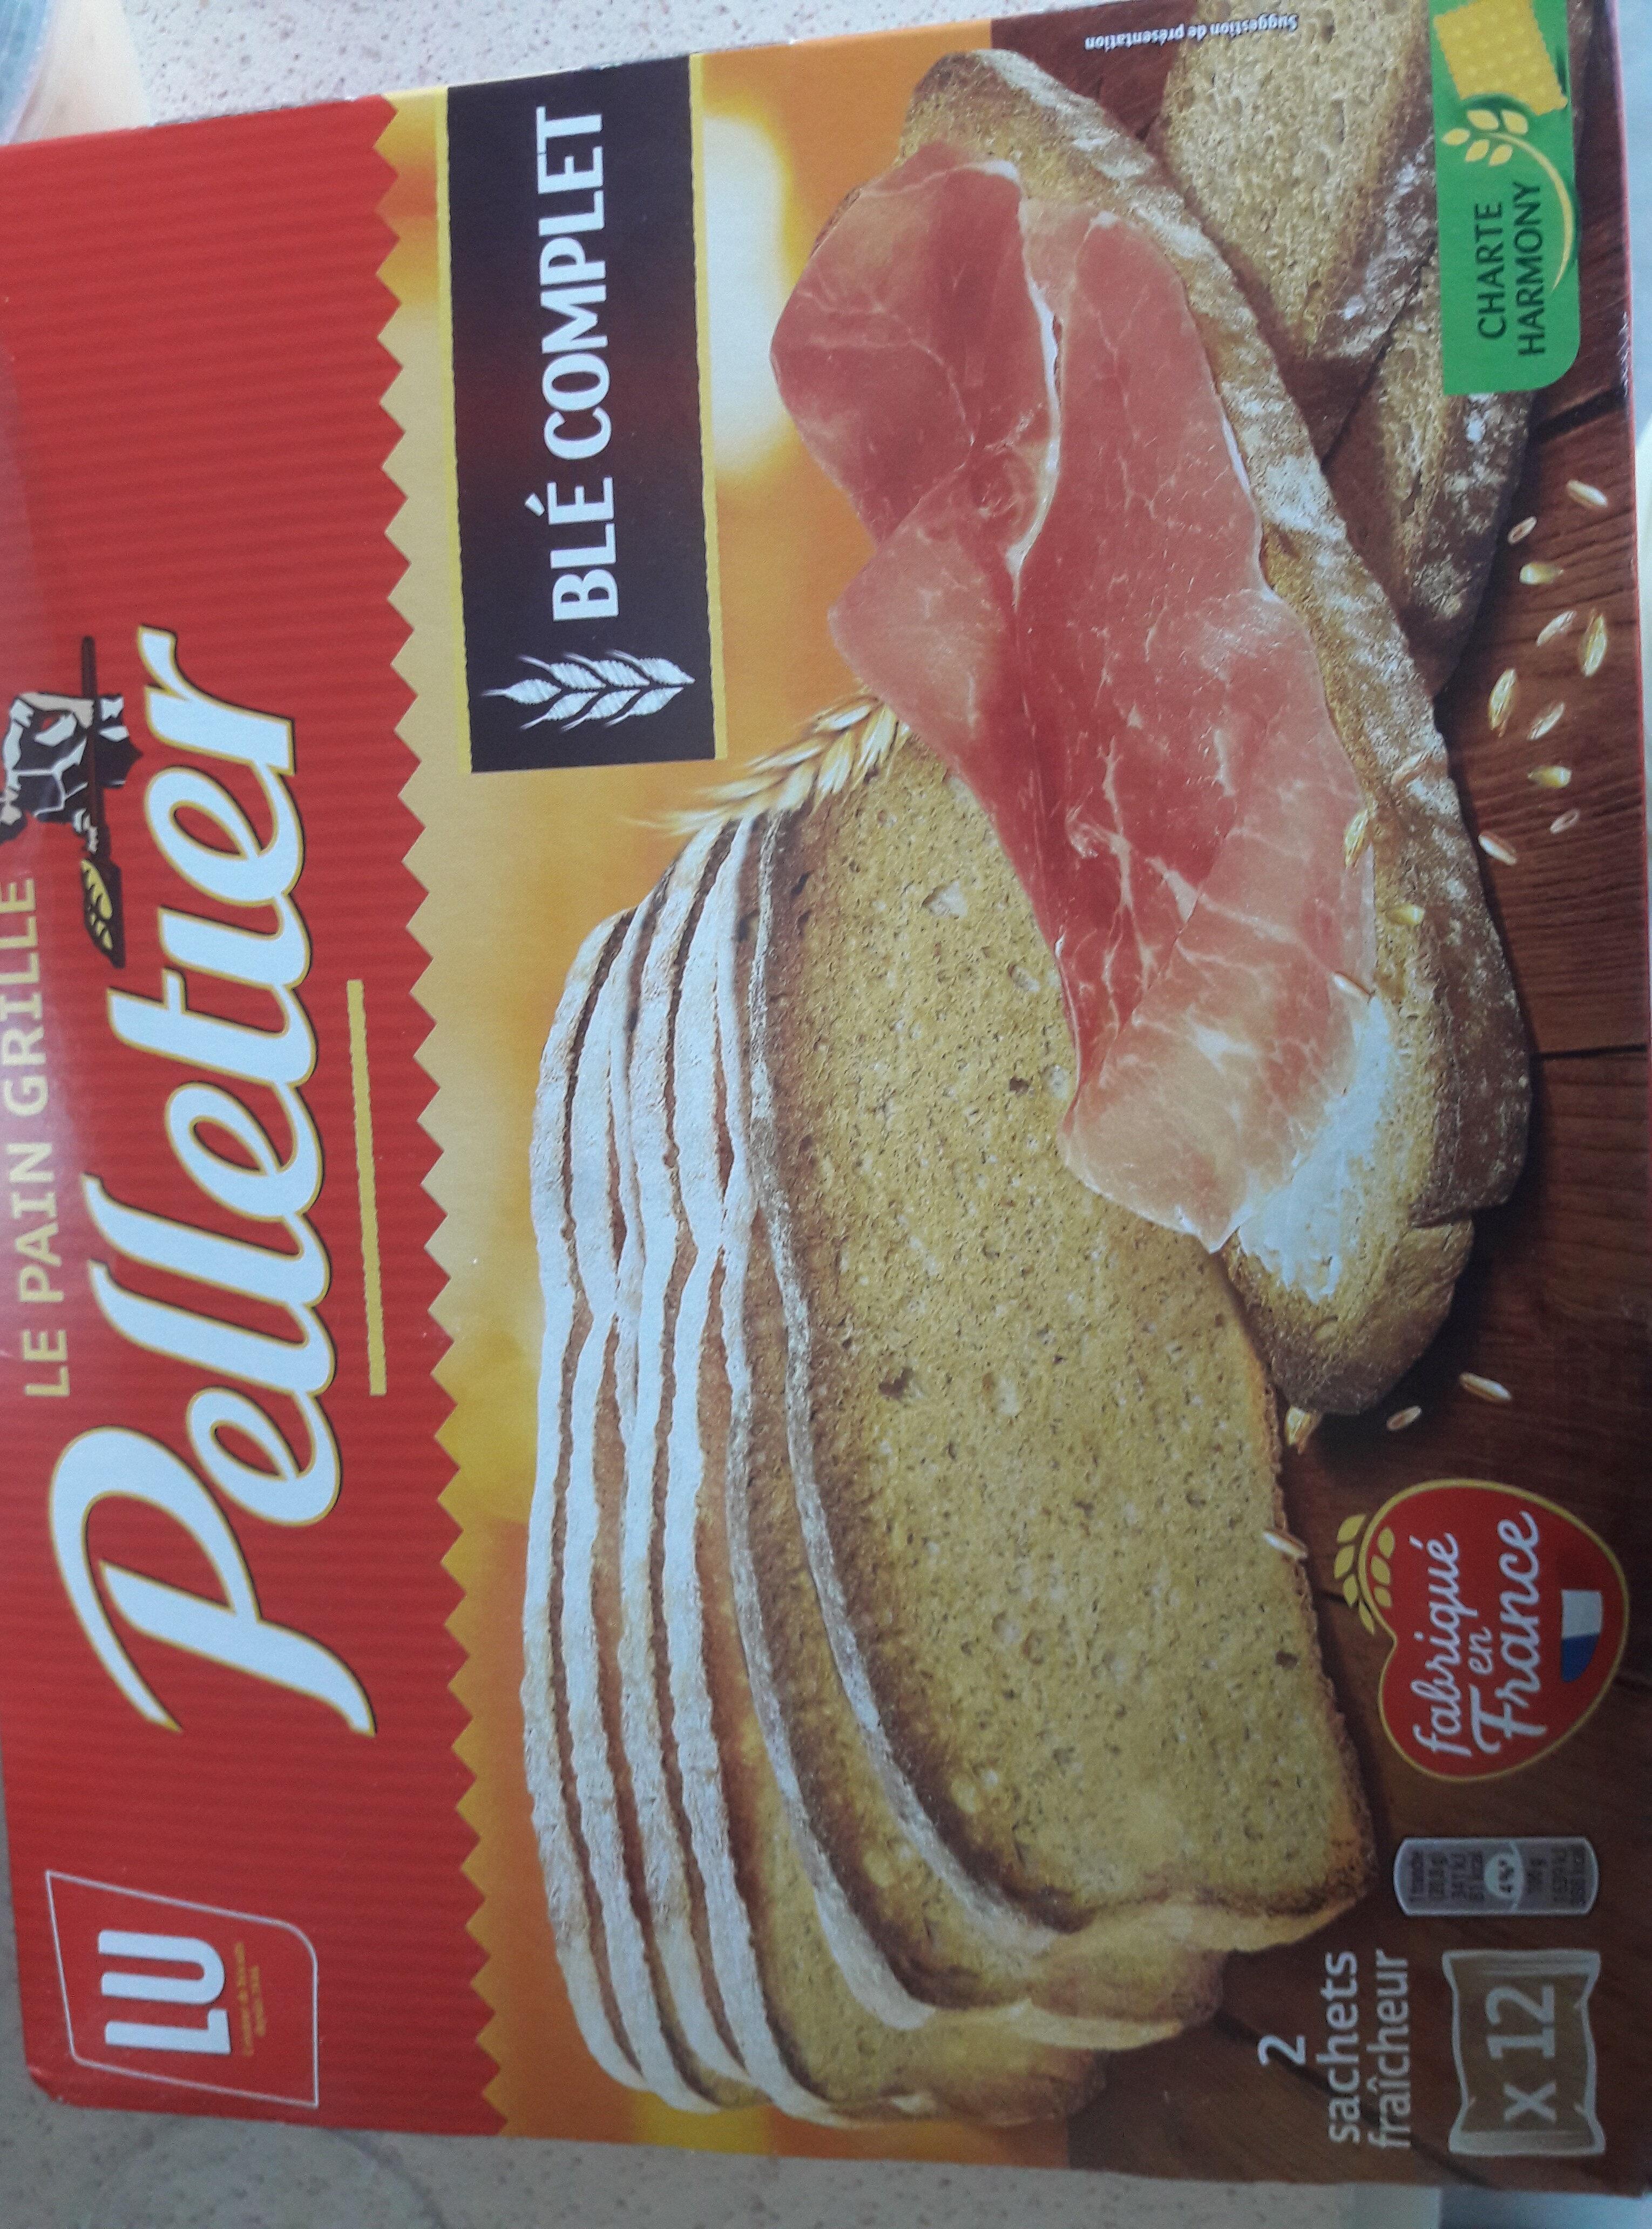 le pain grillé - Produit - fr